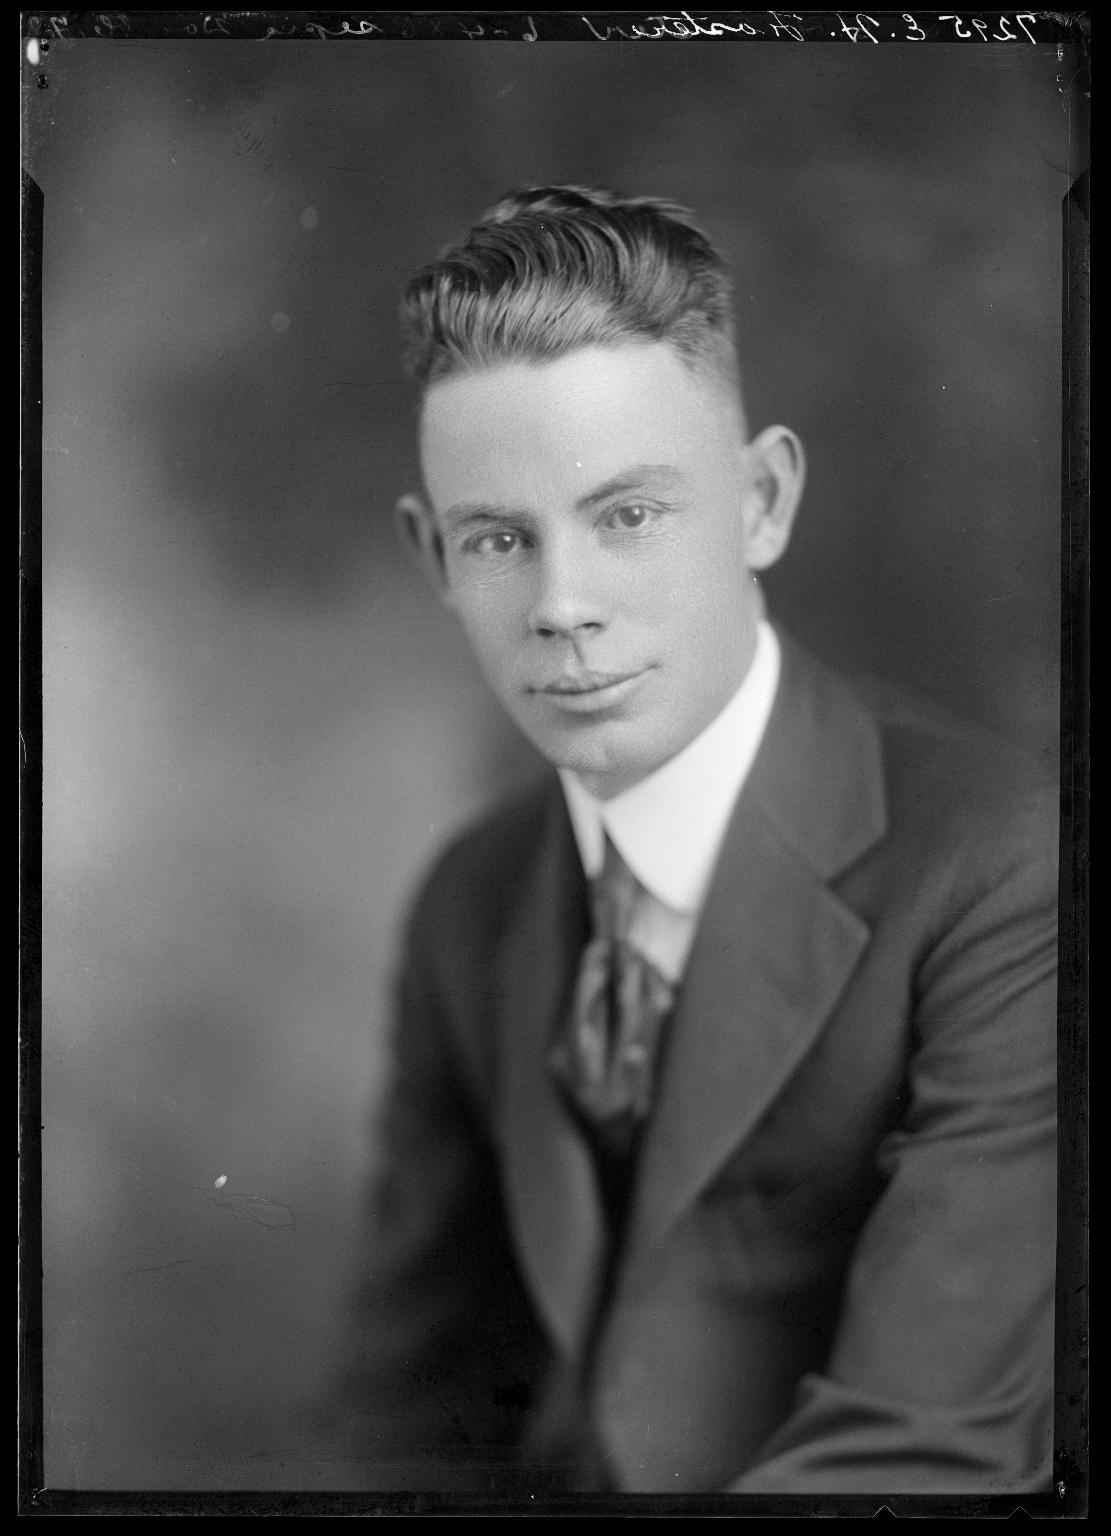 Portrait of E. H. Foster